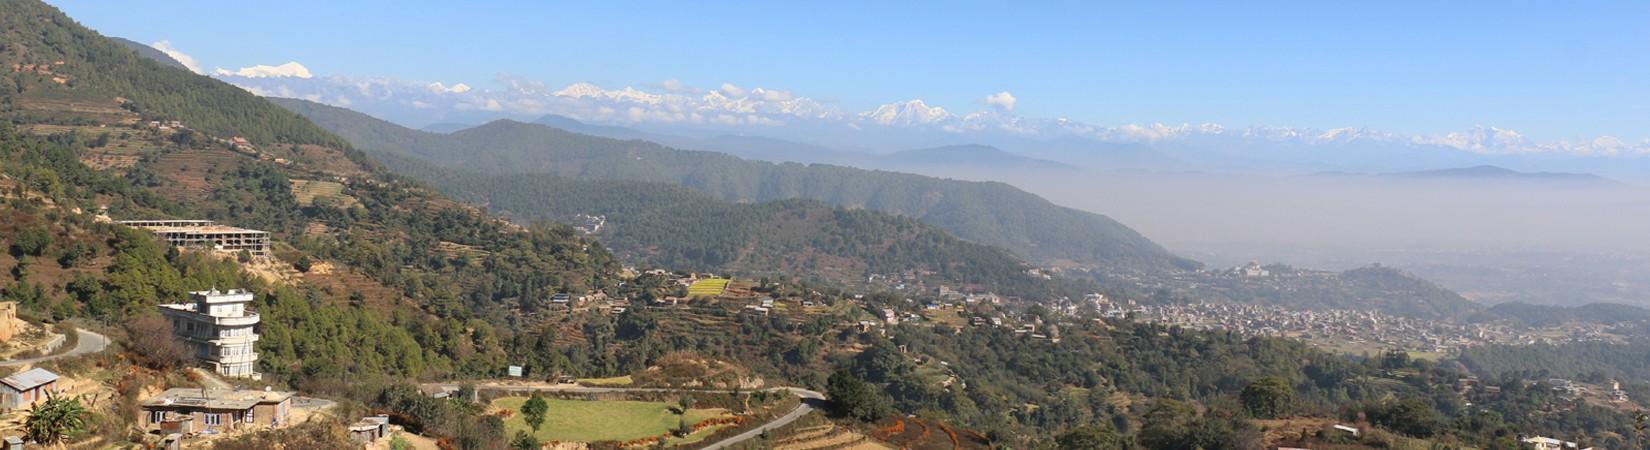 Vue sur la vallée de Kathmandu depuis Mane Bhanjyang près de Dakshinkali